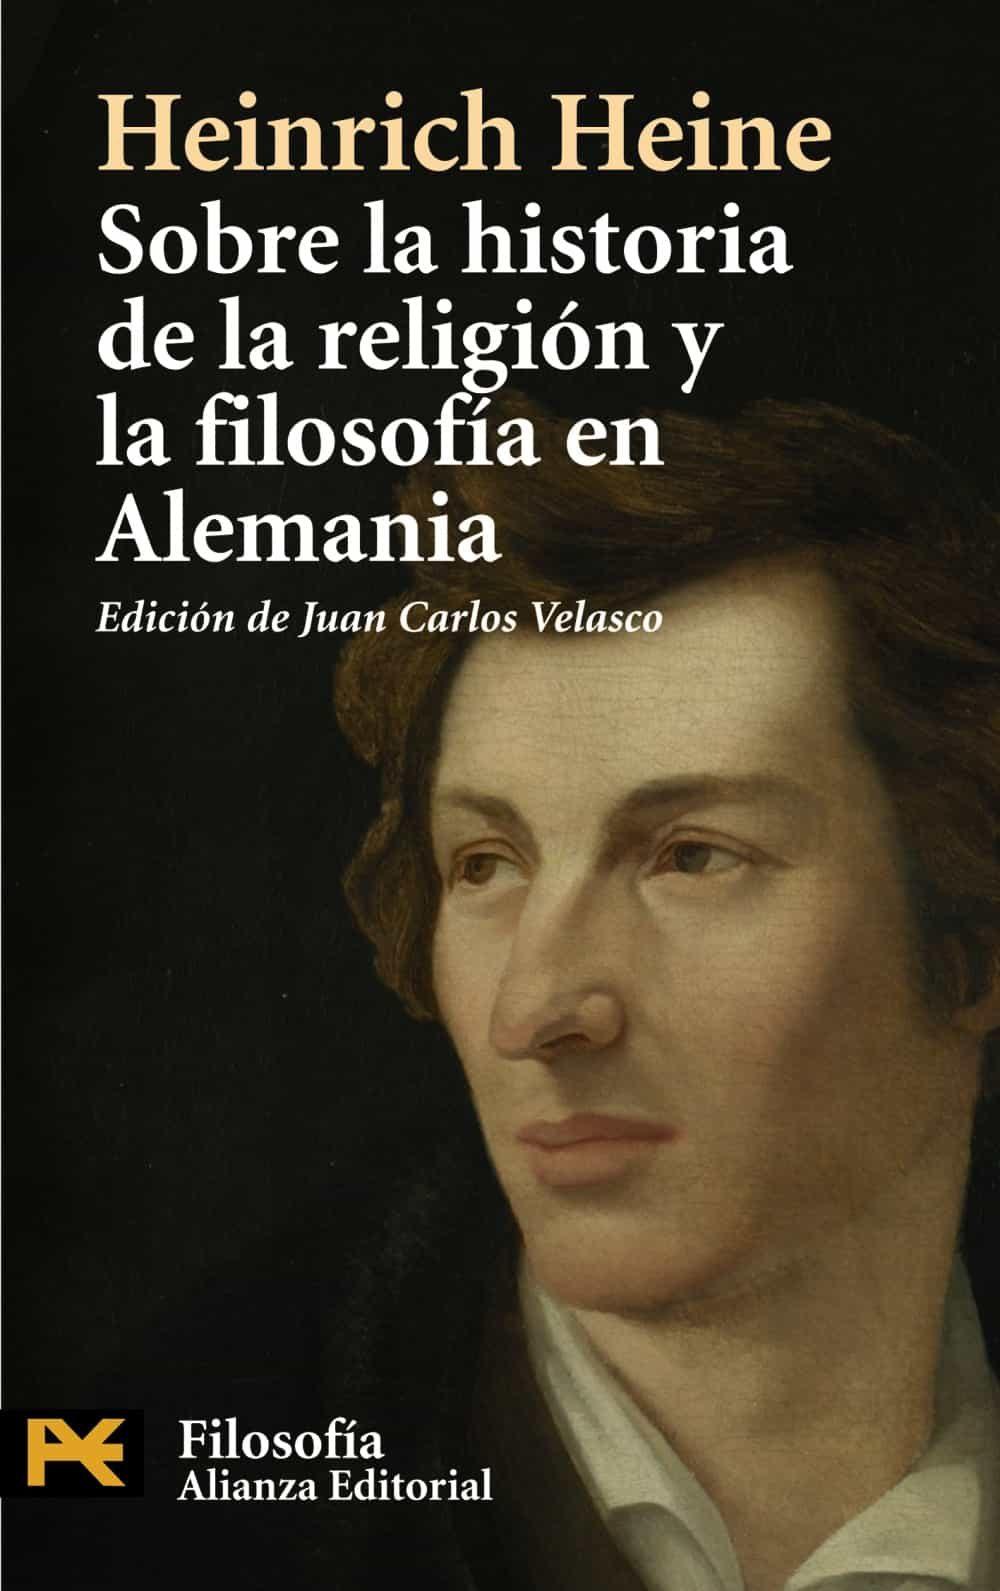 Sobre La Historia De La Religion Y La Filosofia En Alemania por Heinrich Heine